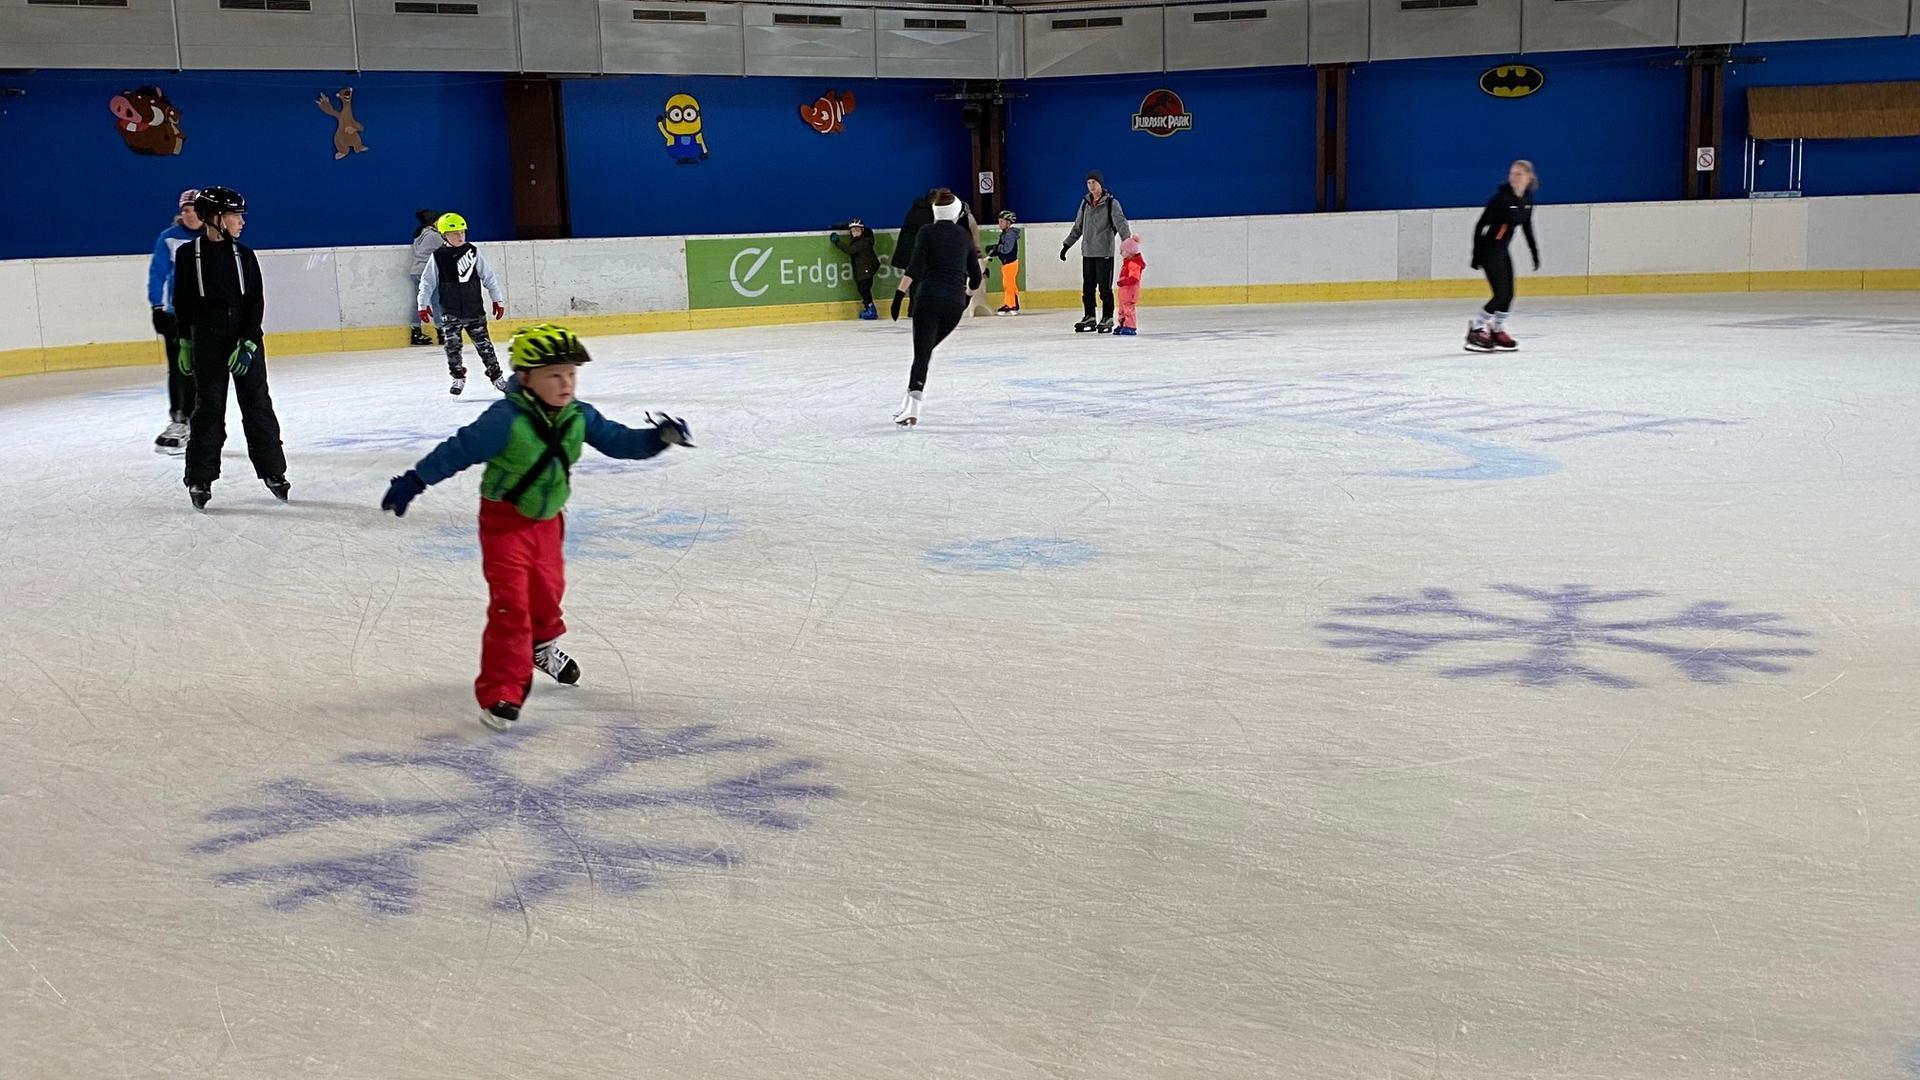 Eisläufer in der Halle des Eistreffs Waldbronn